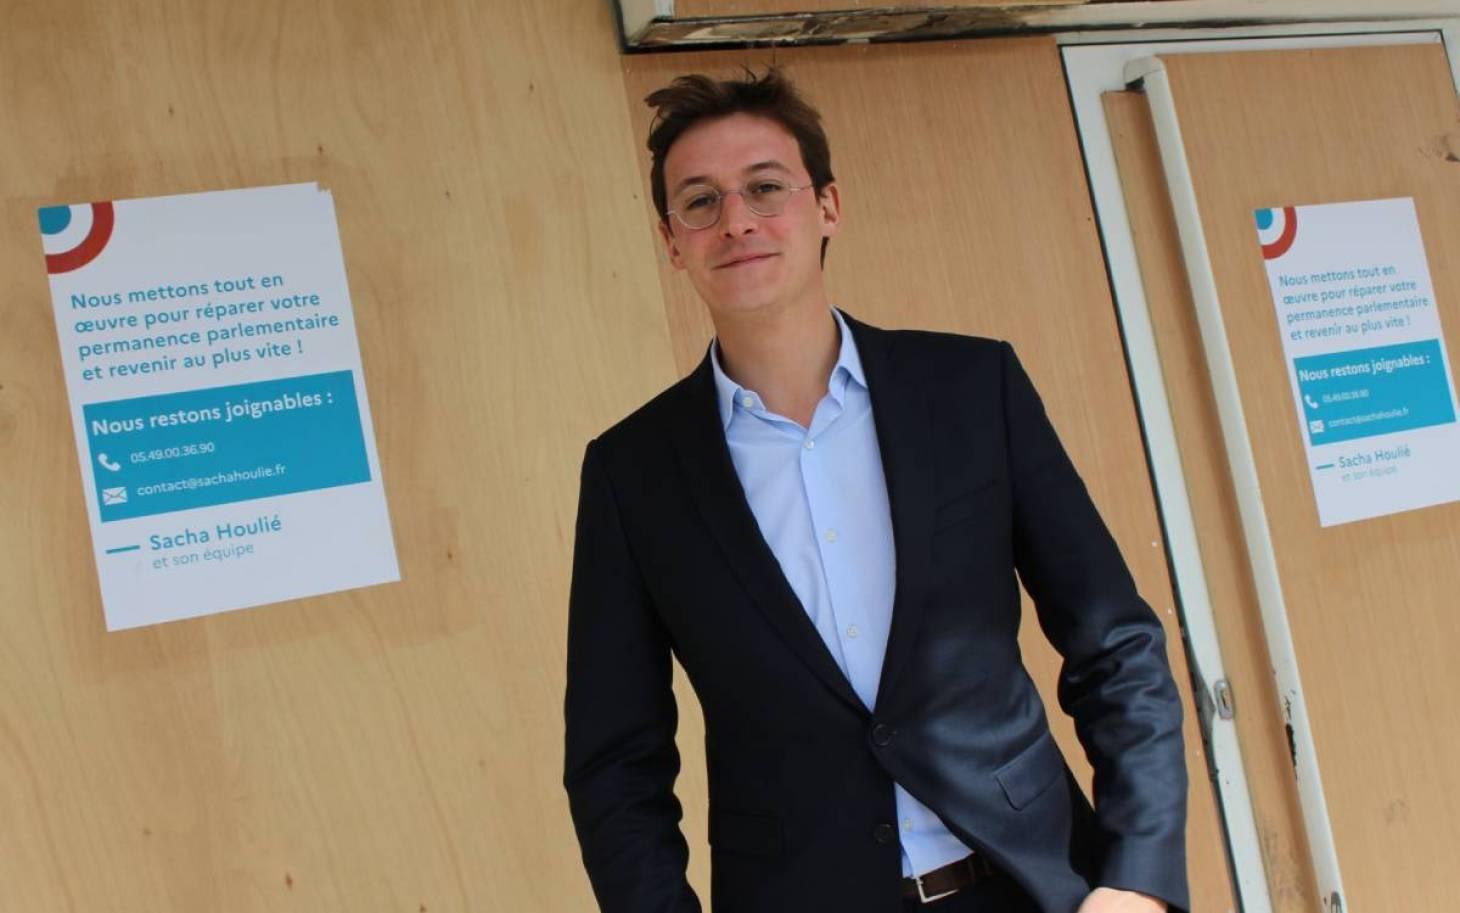 """De retour dans sa permanence, Sacha Houlié vante un """"bilan robuste"""""""